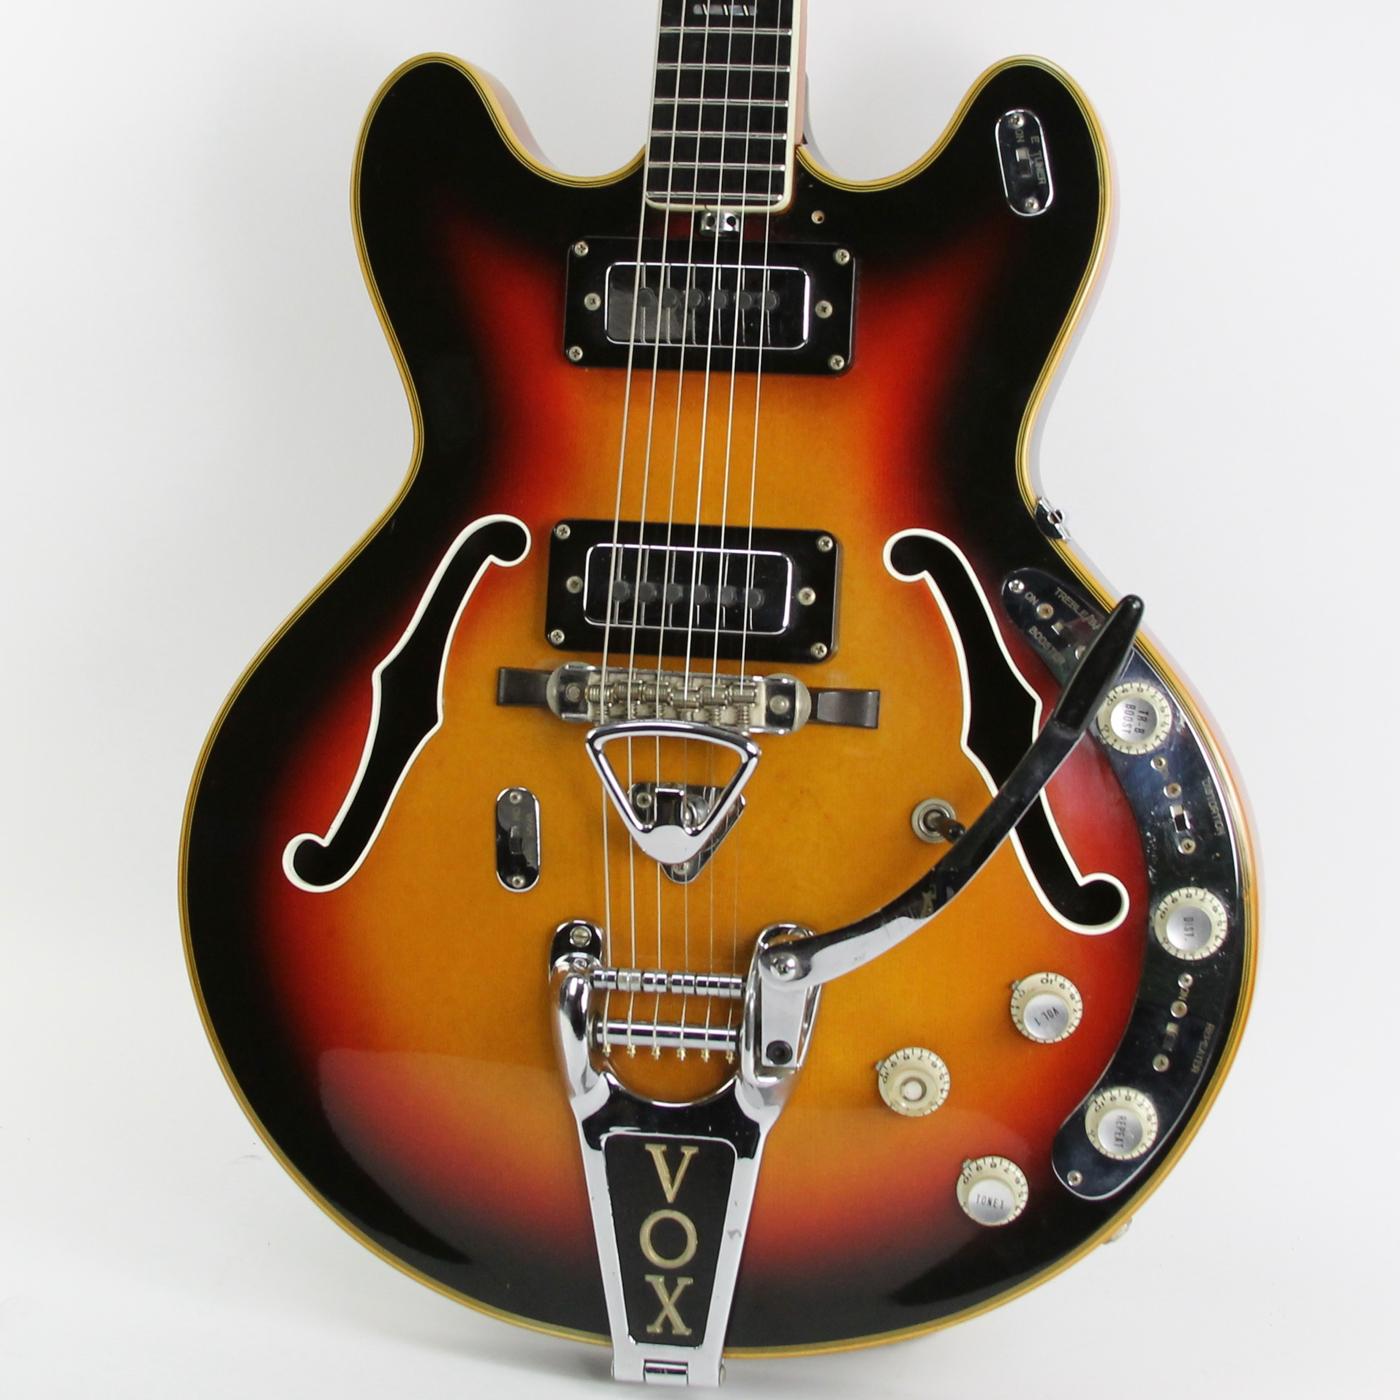 1960s Vox Ultrasonic detail 0